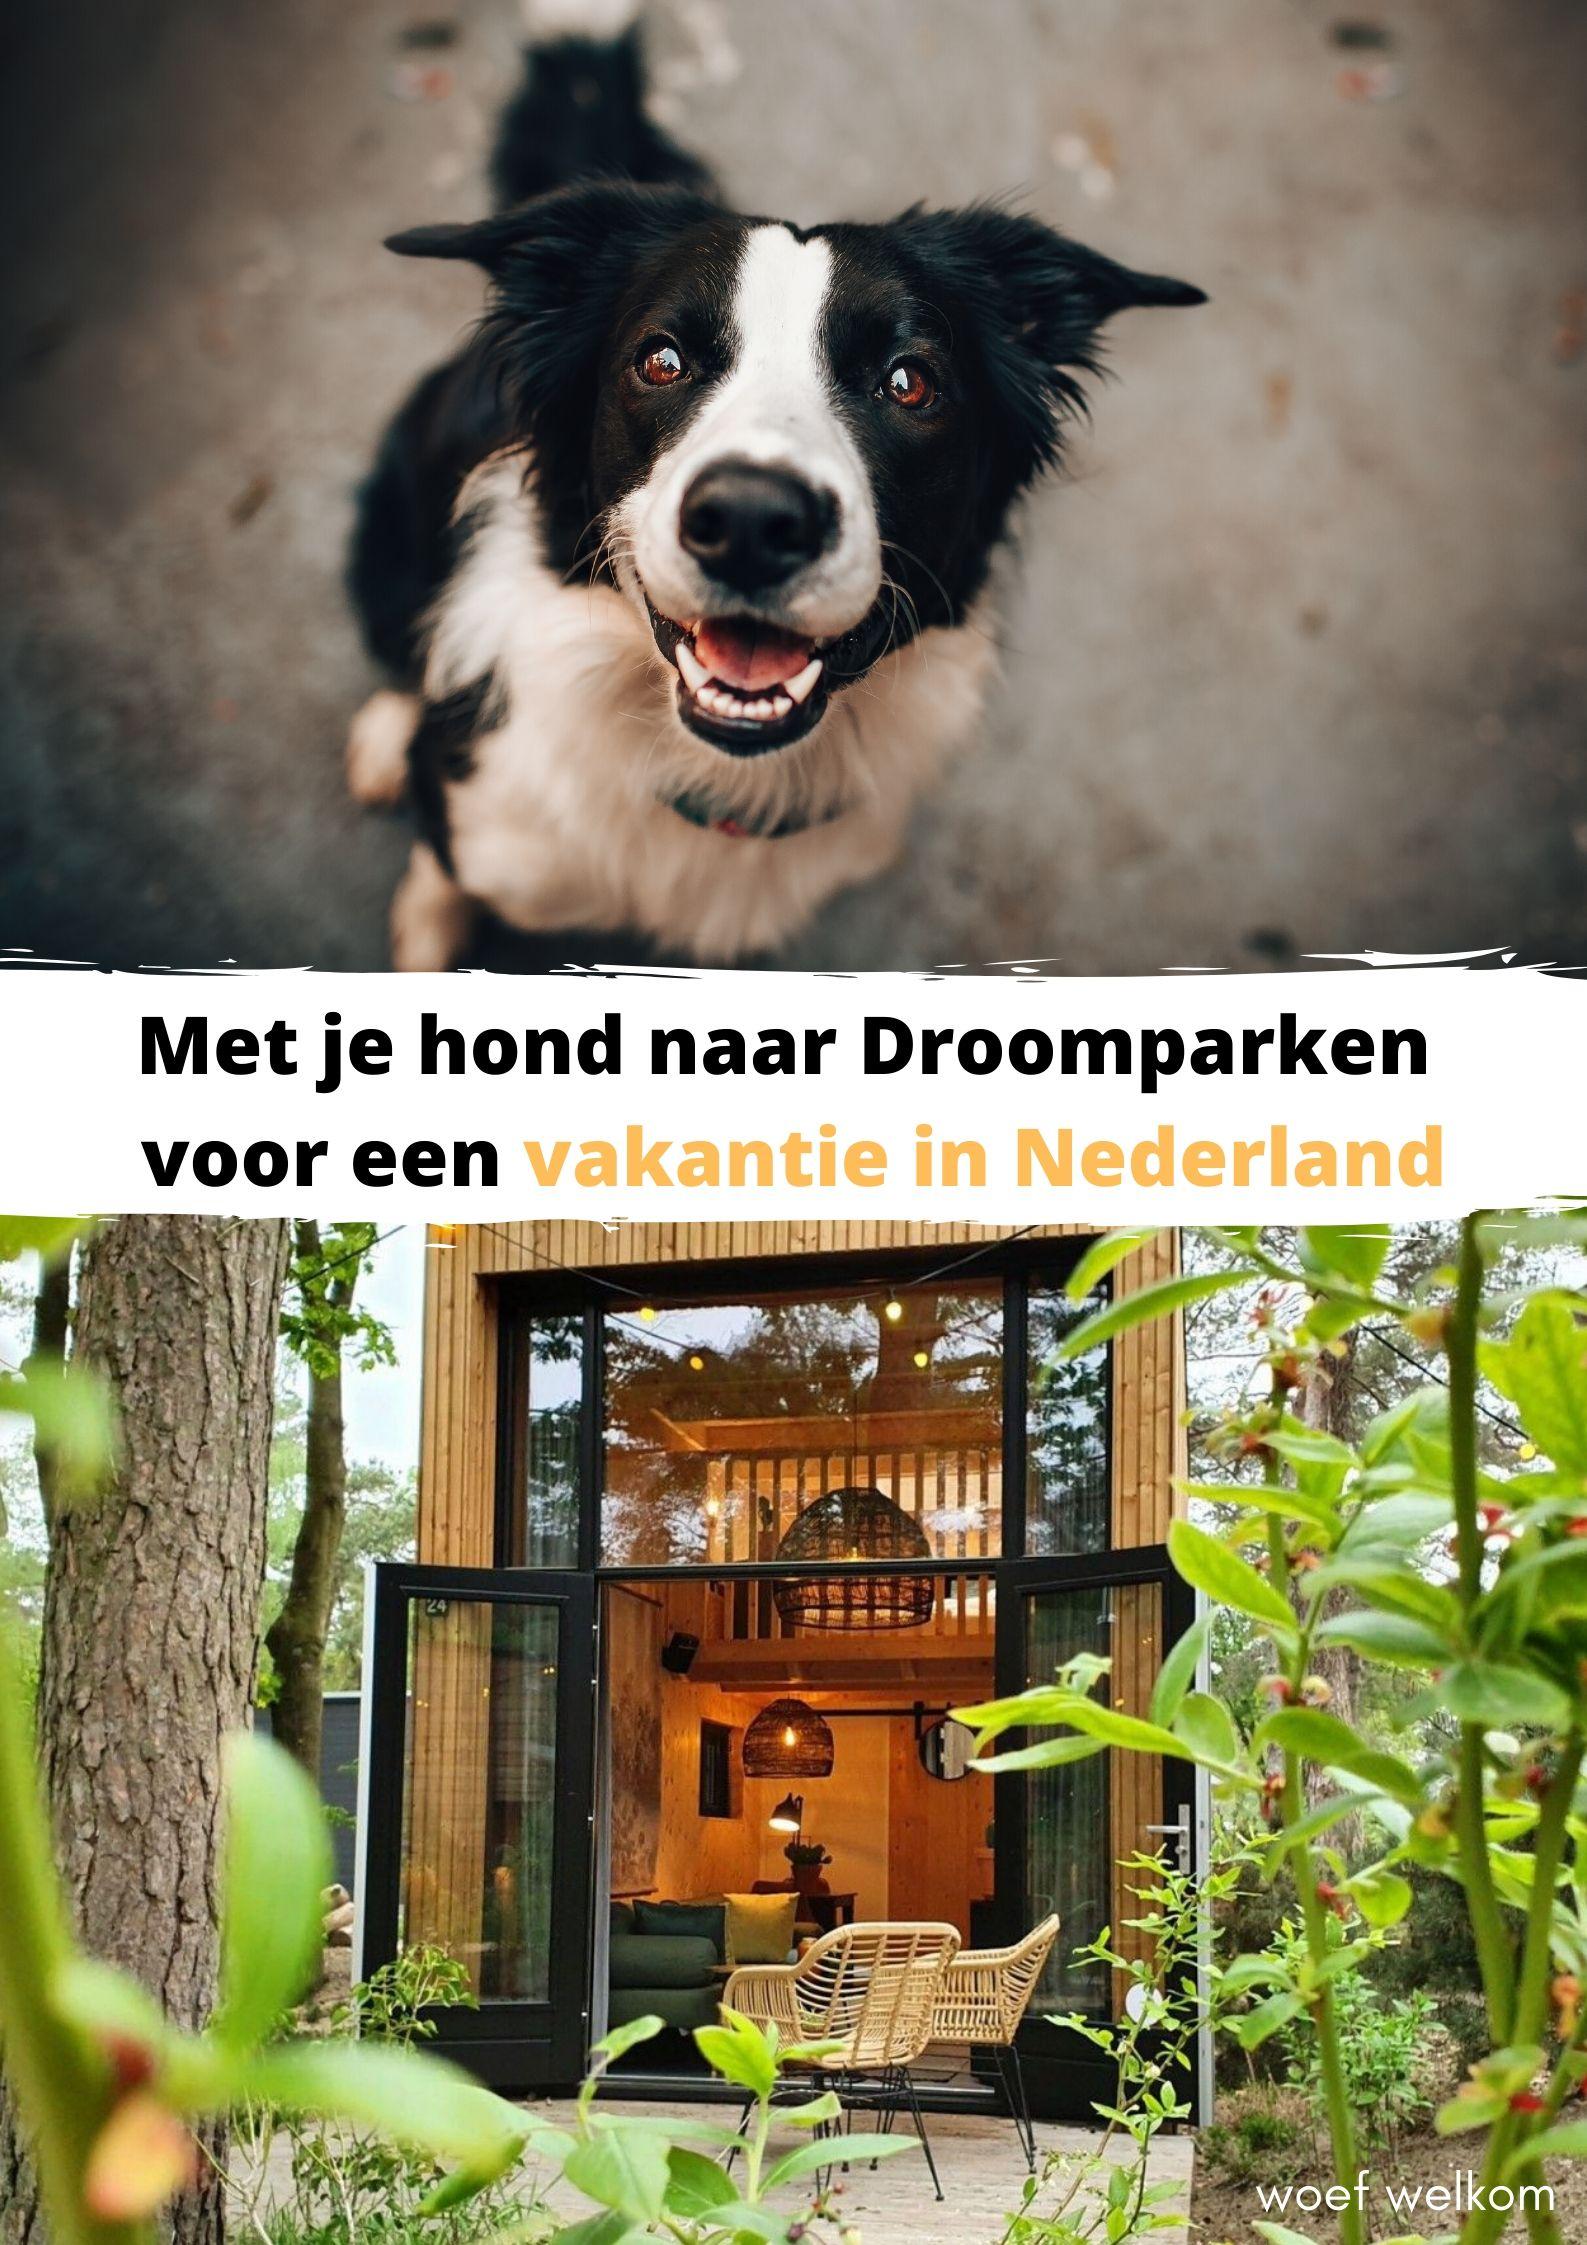 Met je hond naar Droomparken voor een vakantie in Nederland